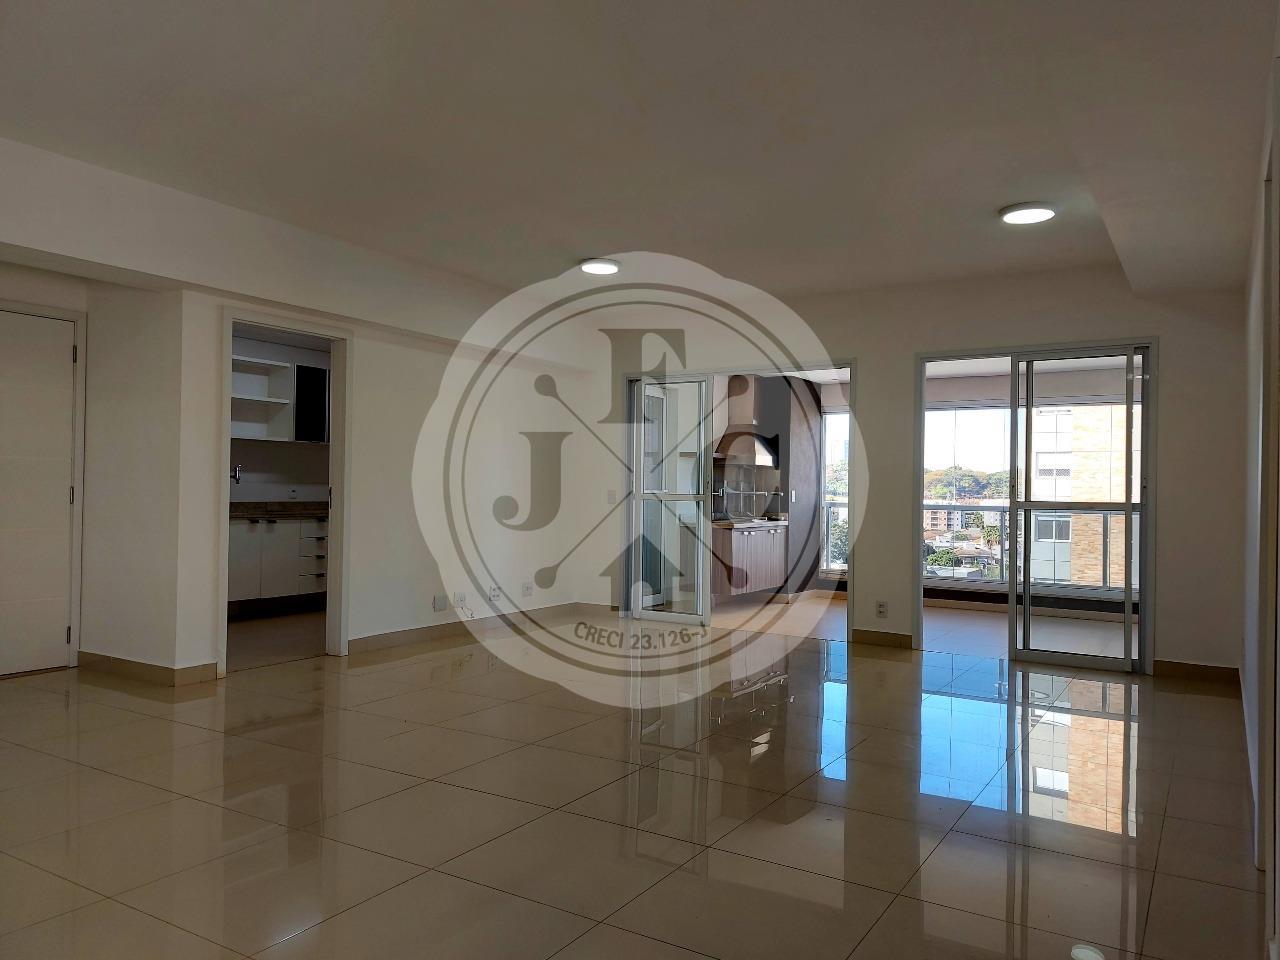 Apartamento novo à venda com 2 suítes localizado no bairro Jardim Botânico.